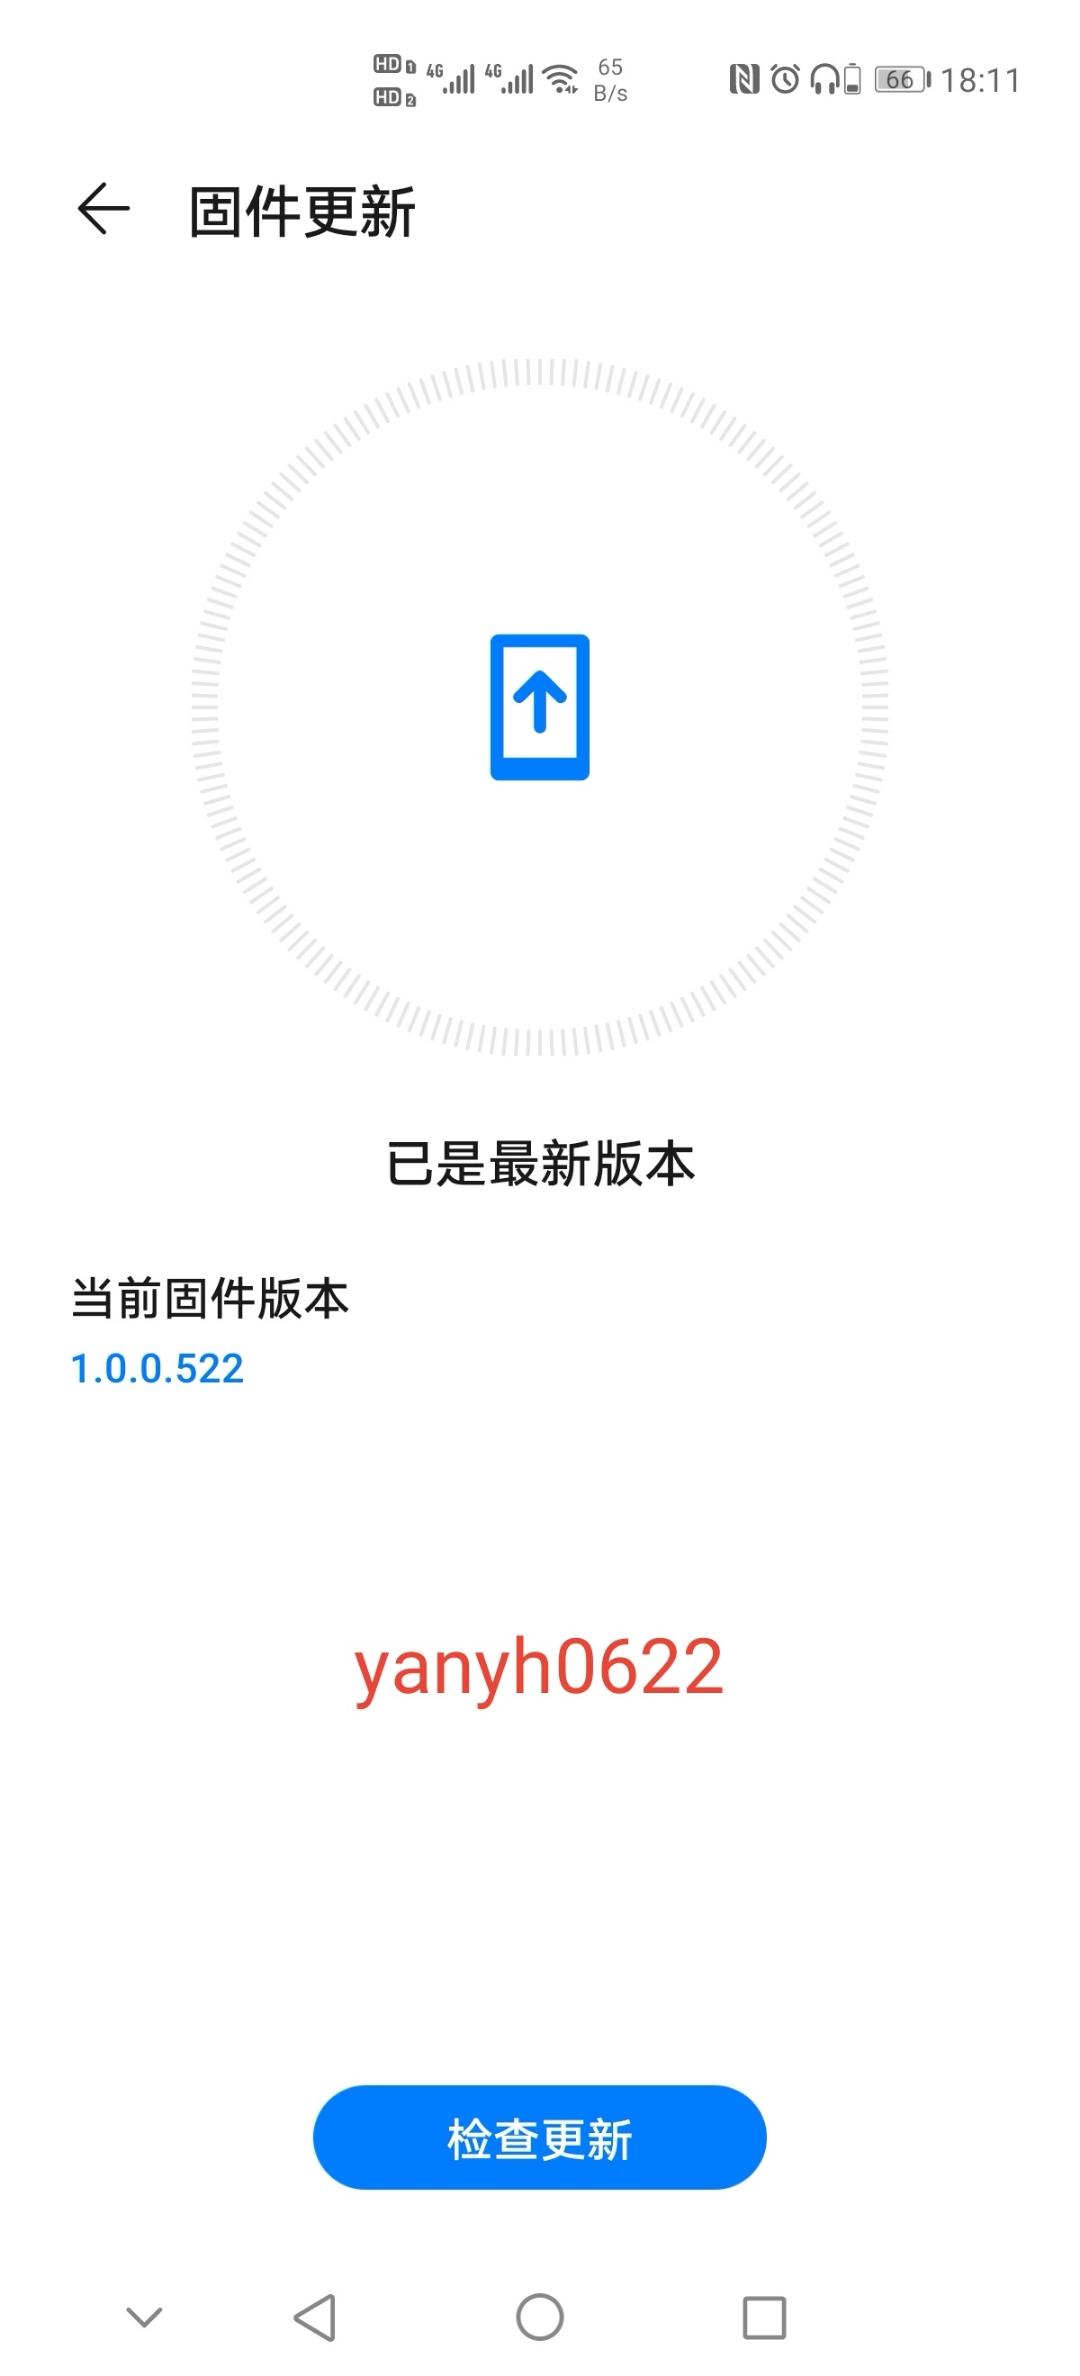 Screenshot_20200512_181301.jpg